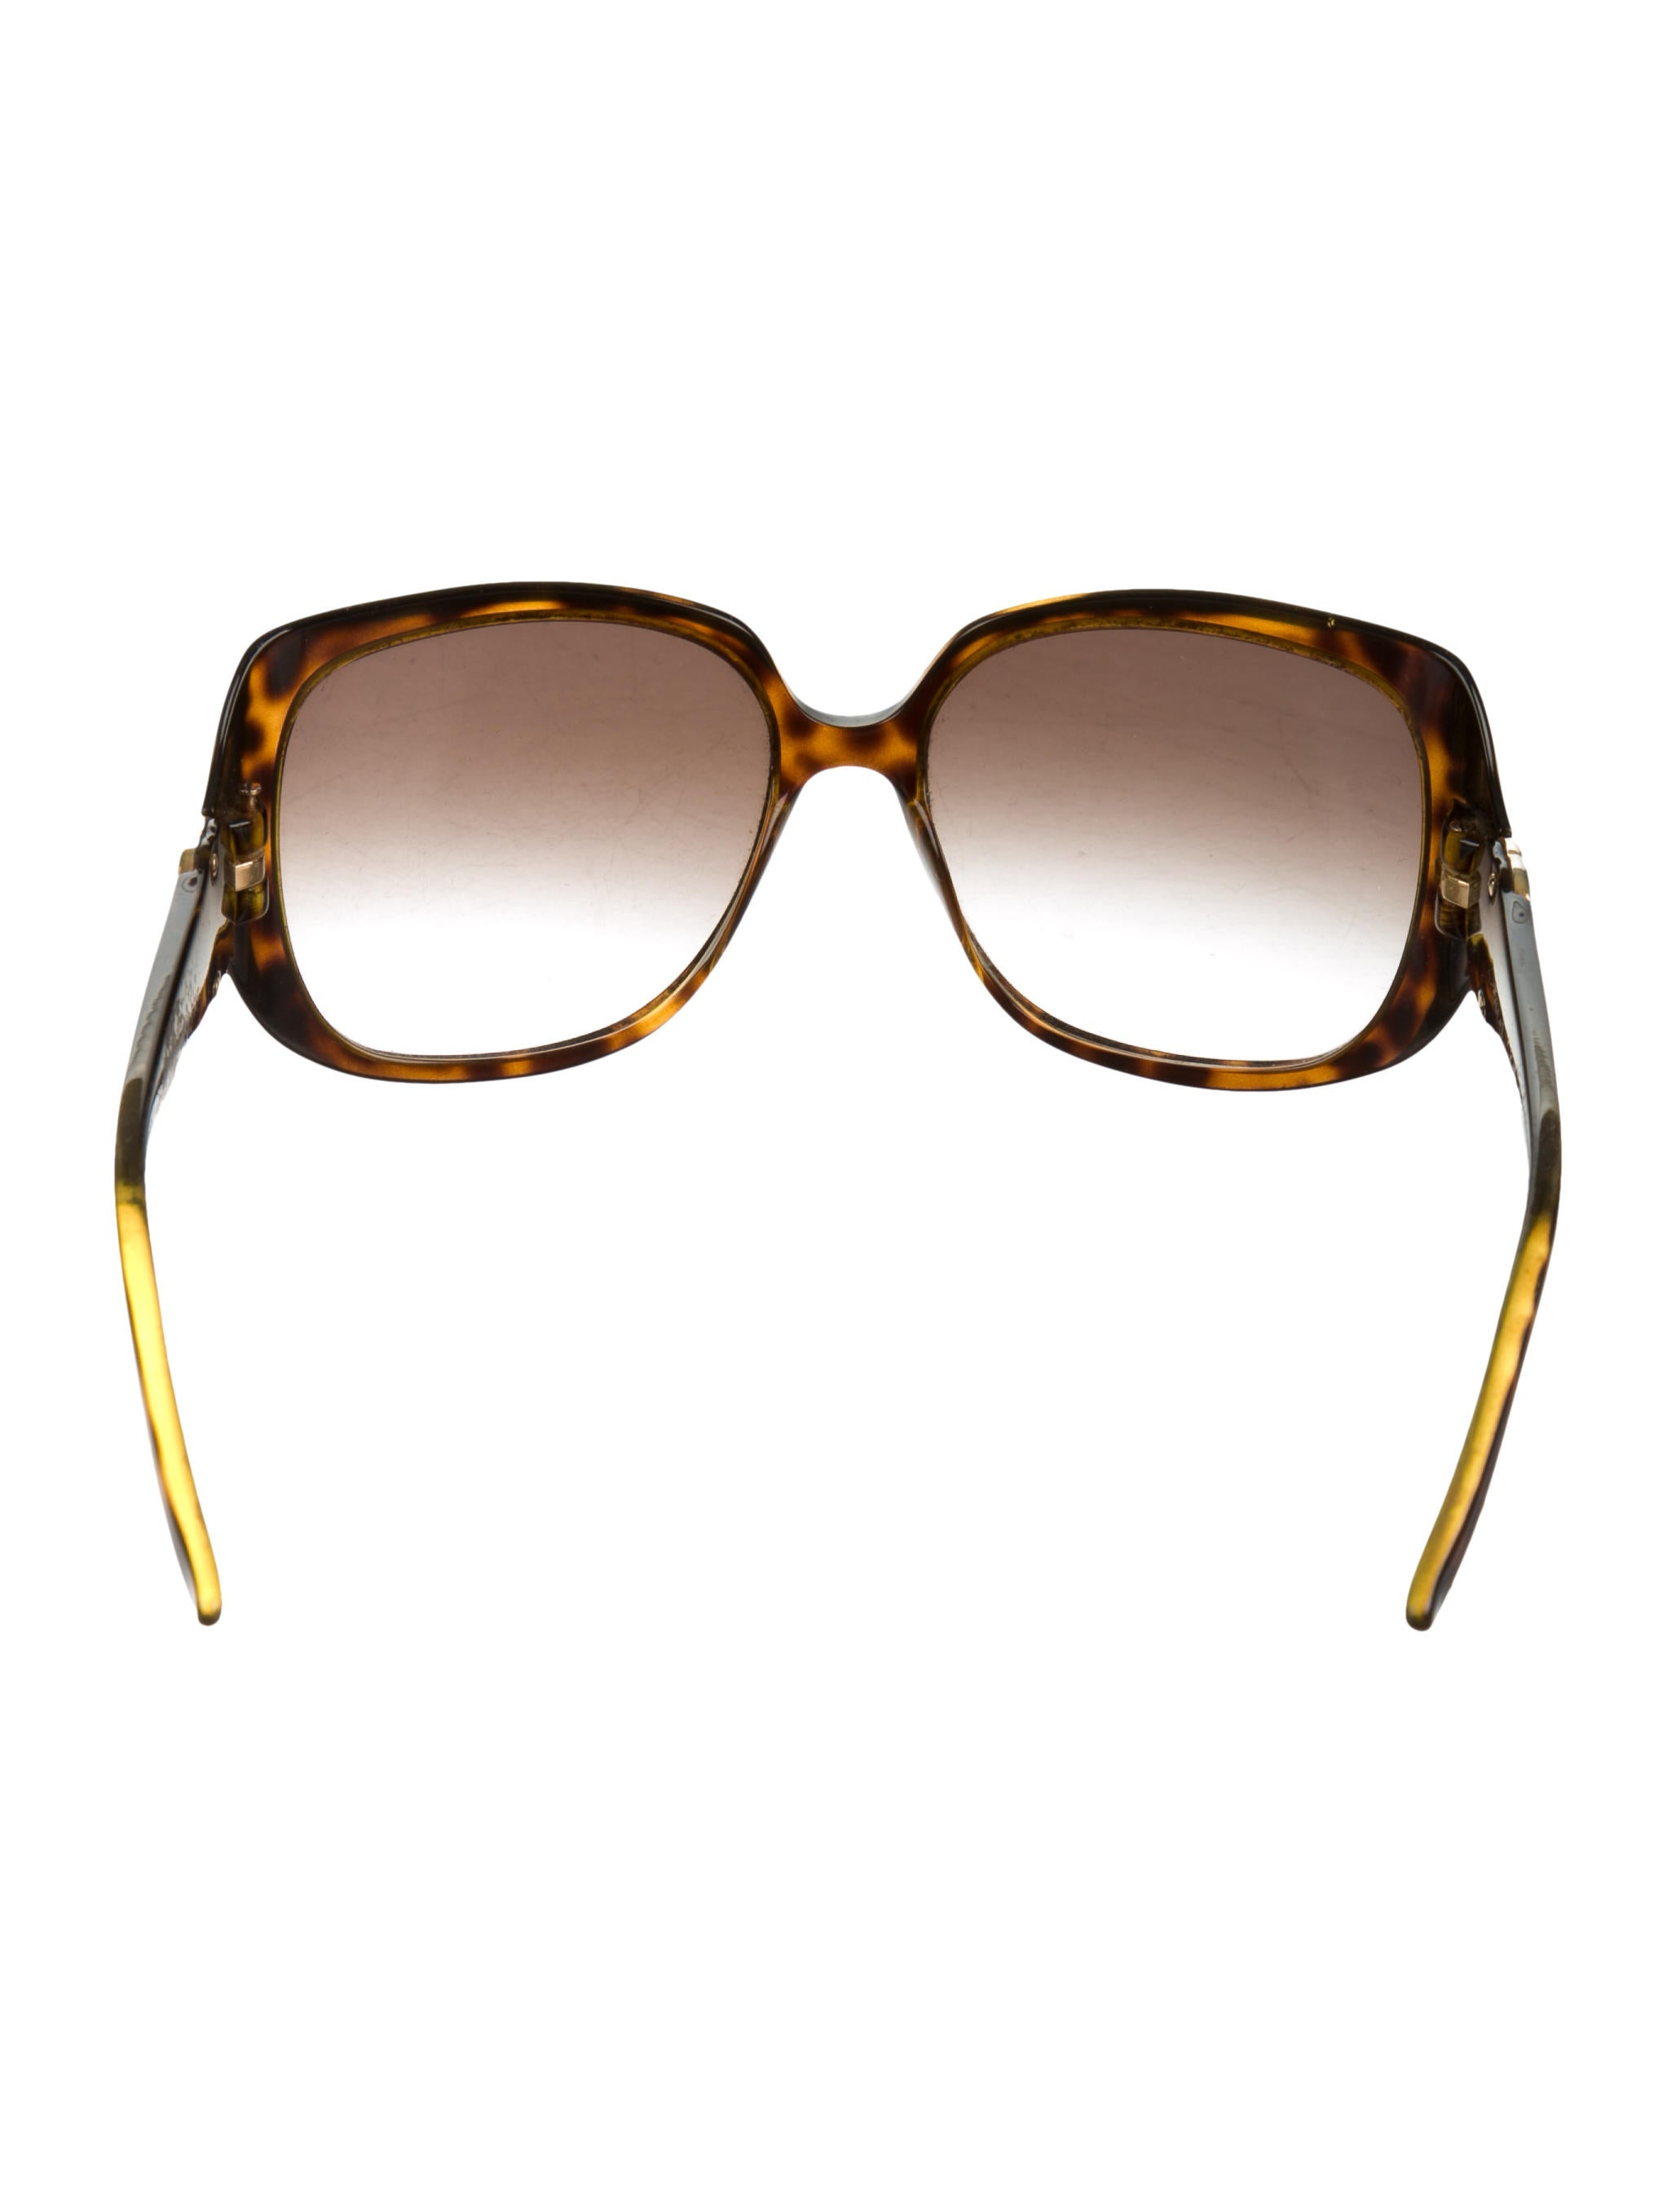 581348c1eb69 Gucci Sunglasses 3163 - Bitterroot Public Library